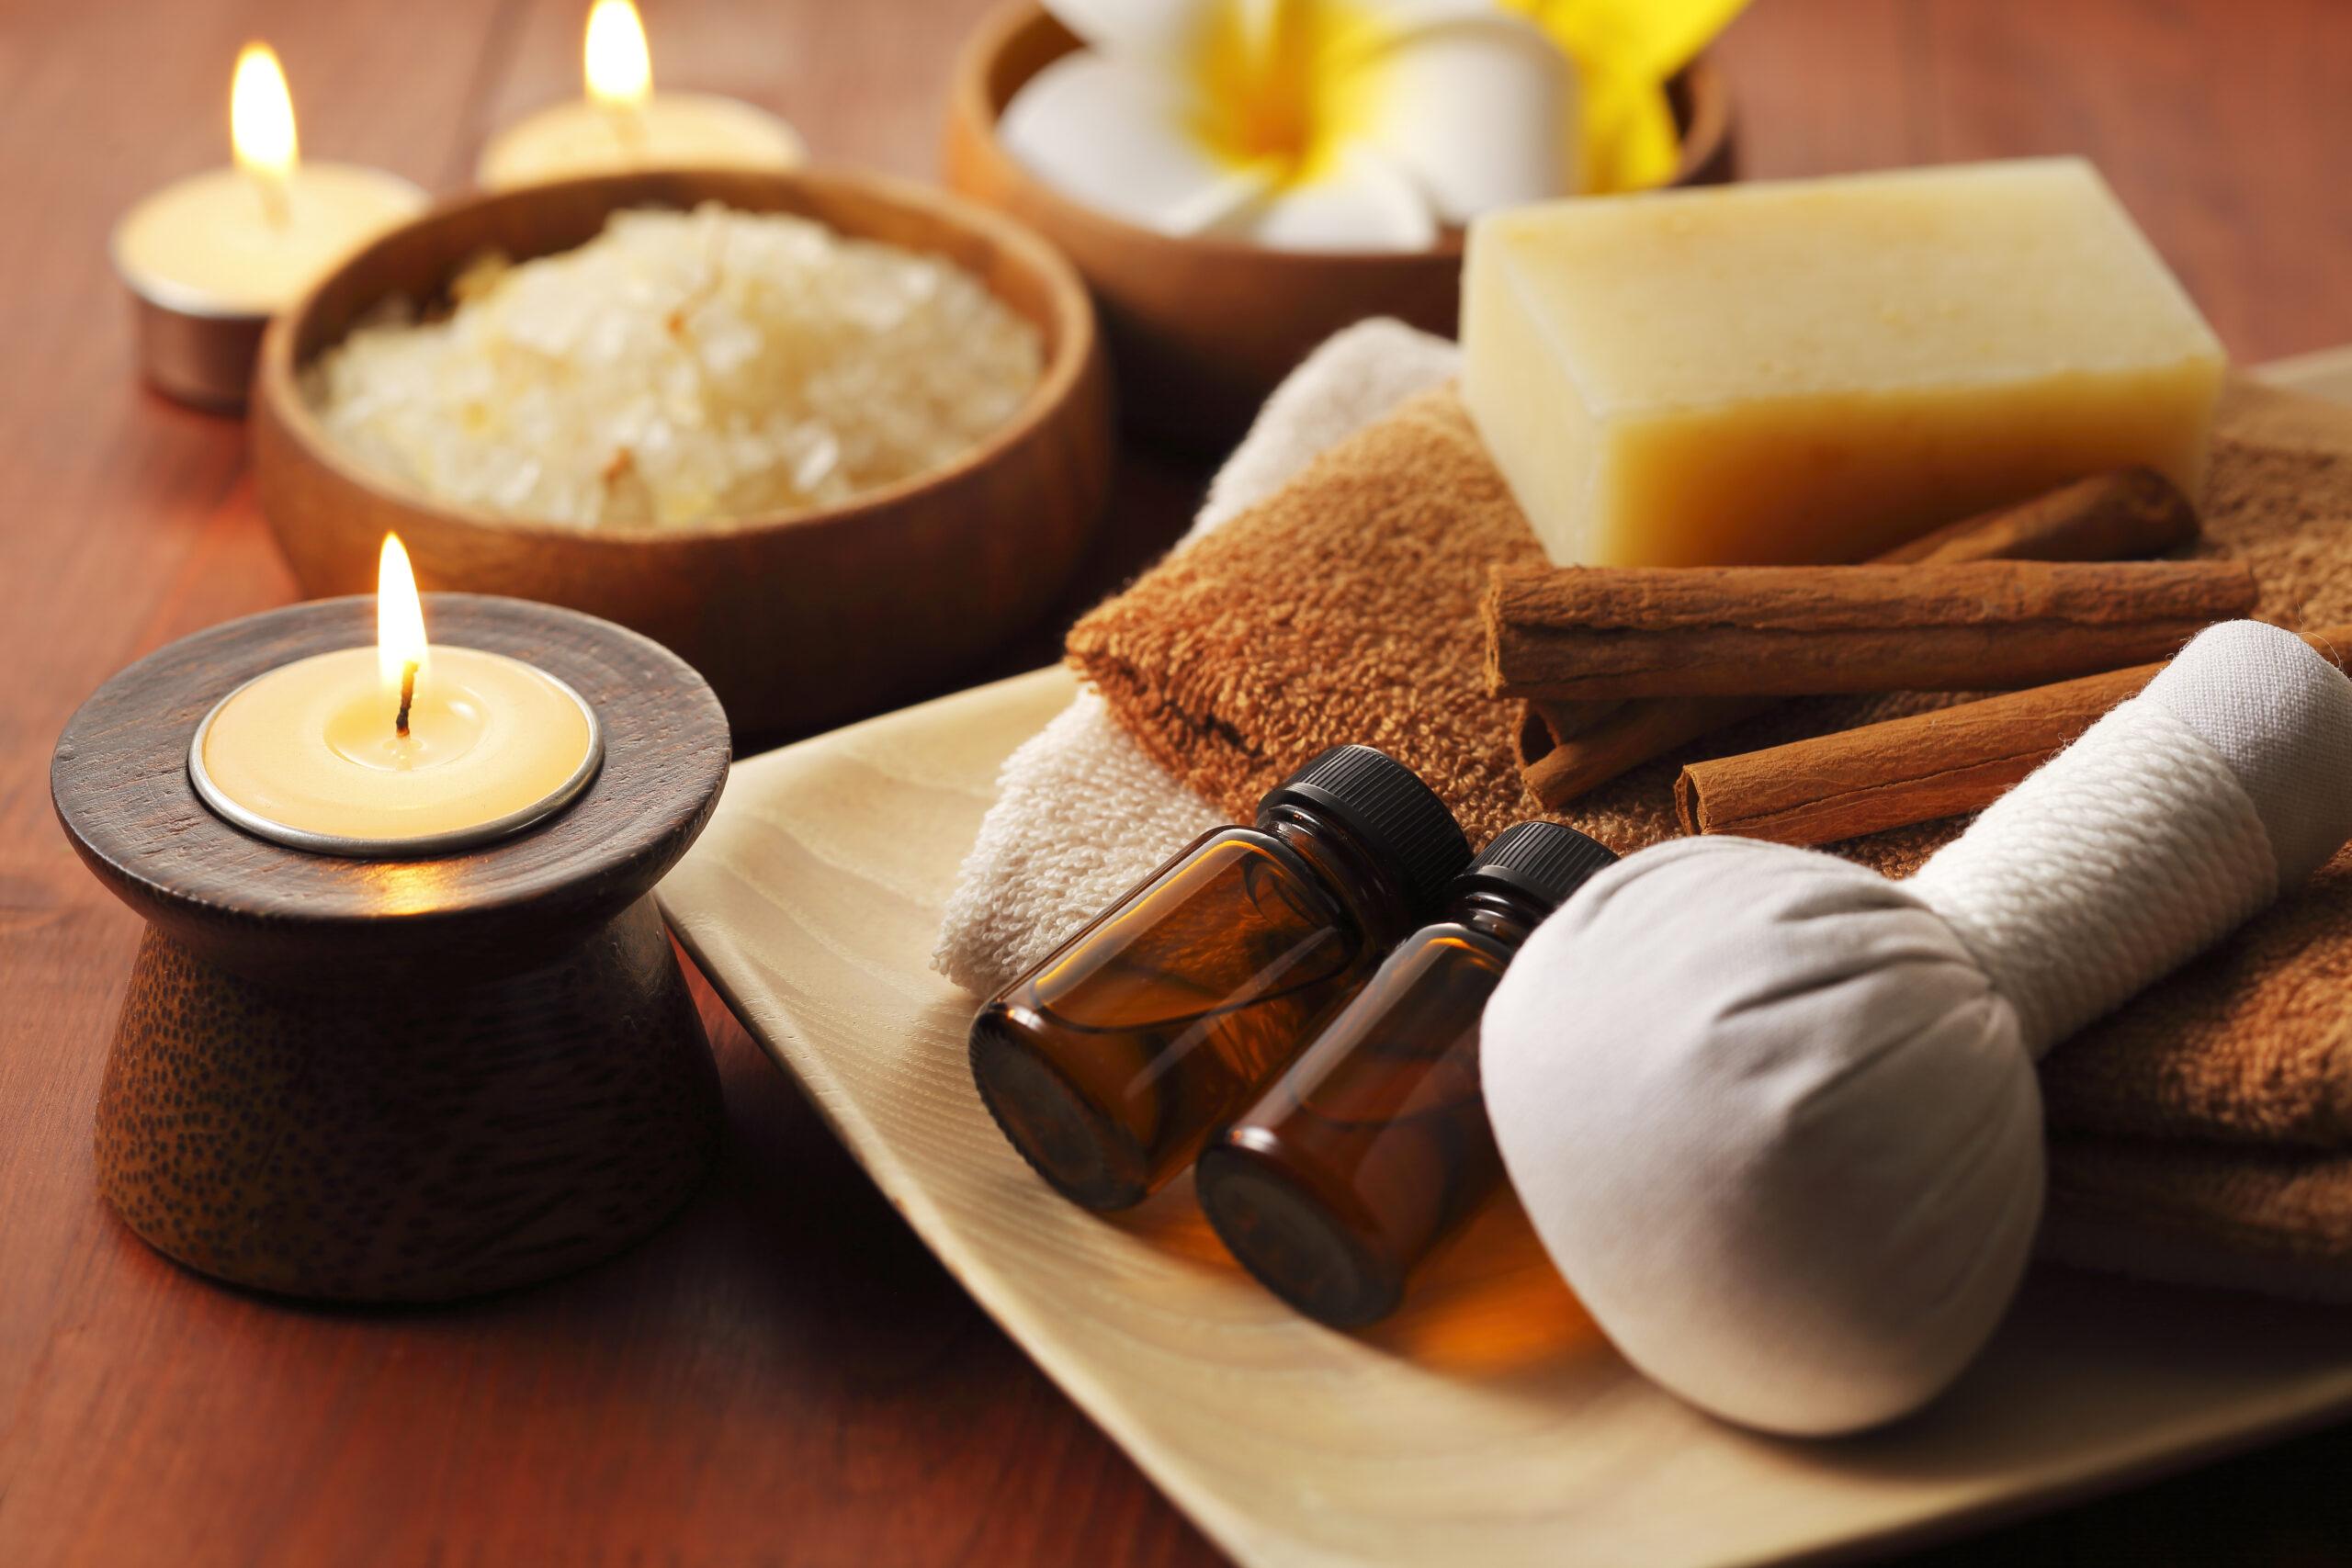 スパ アロマテラピー イメージ Spa Aromatherapy image